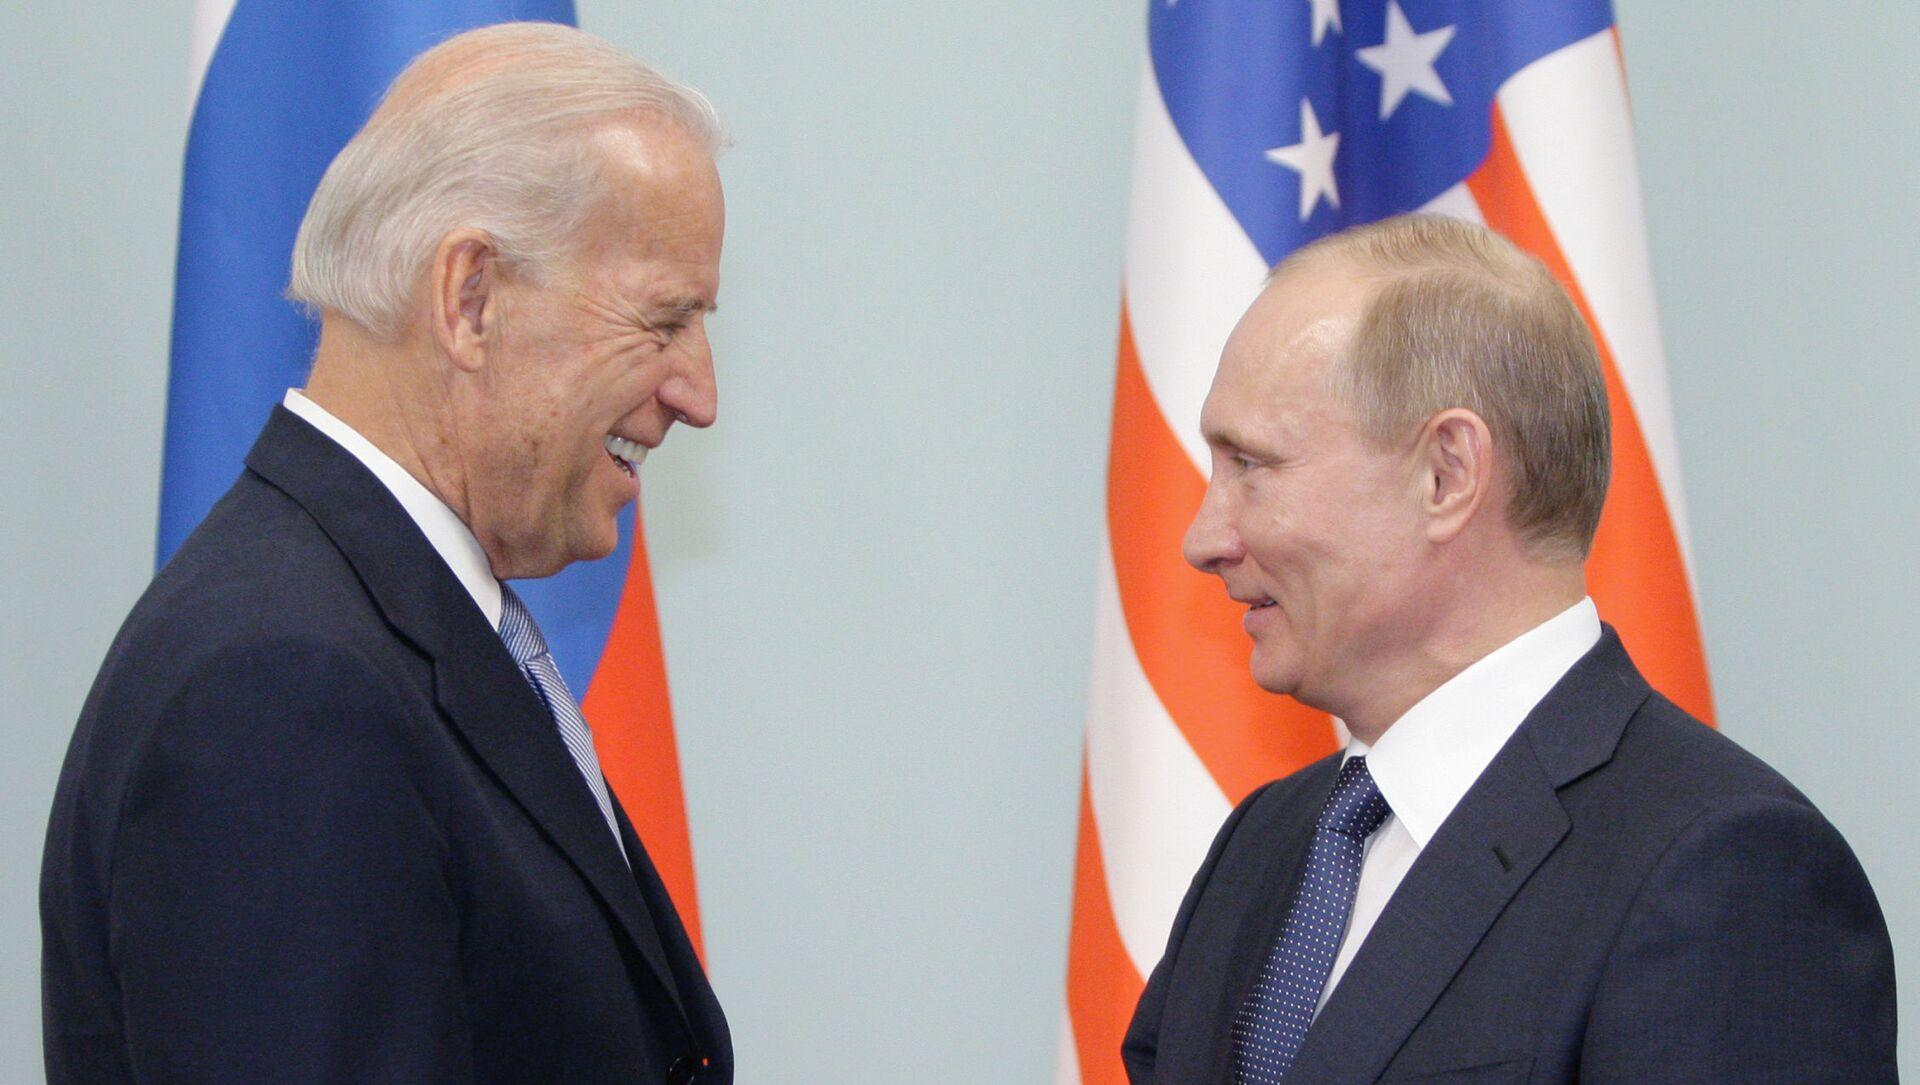 Cuộc gặp giữa thủ tướng Nga Vladimir Putin và phó tổng thống Hoa Kỳ Joe Biden, năm 2011 - Sputnik Việt Nam, 1920, 14.04.2021